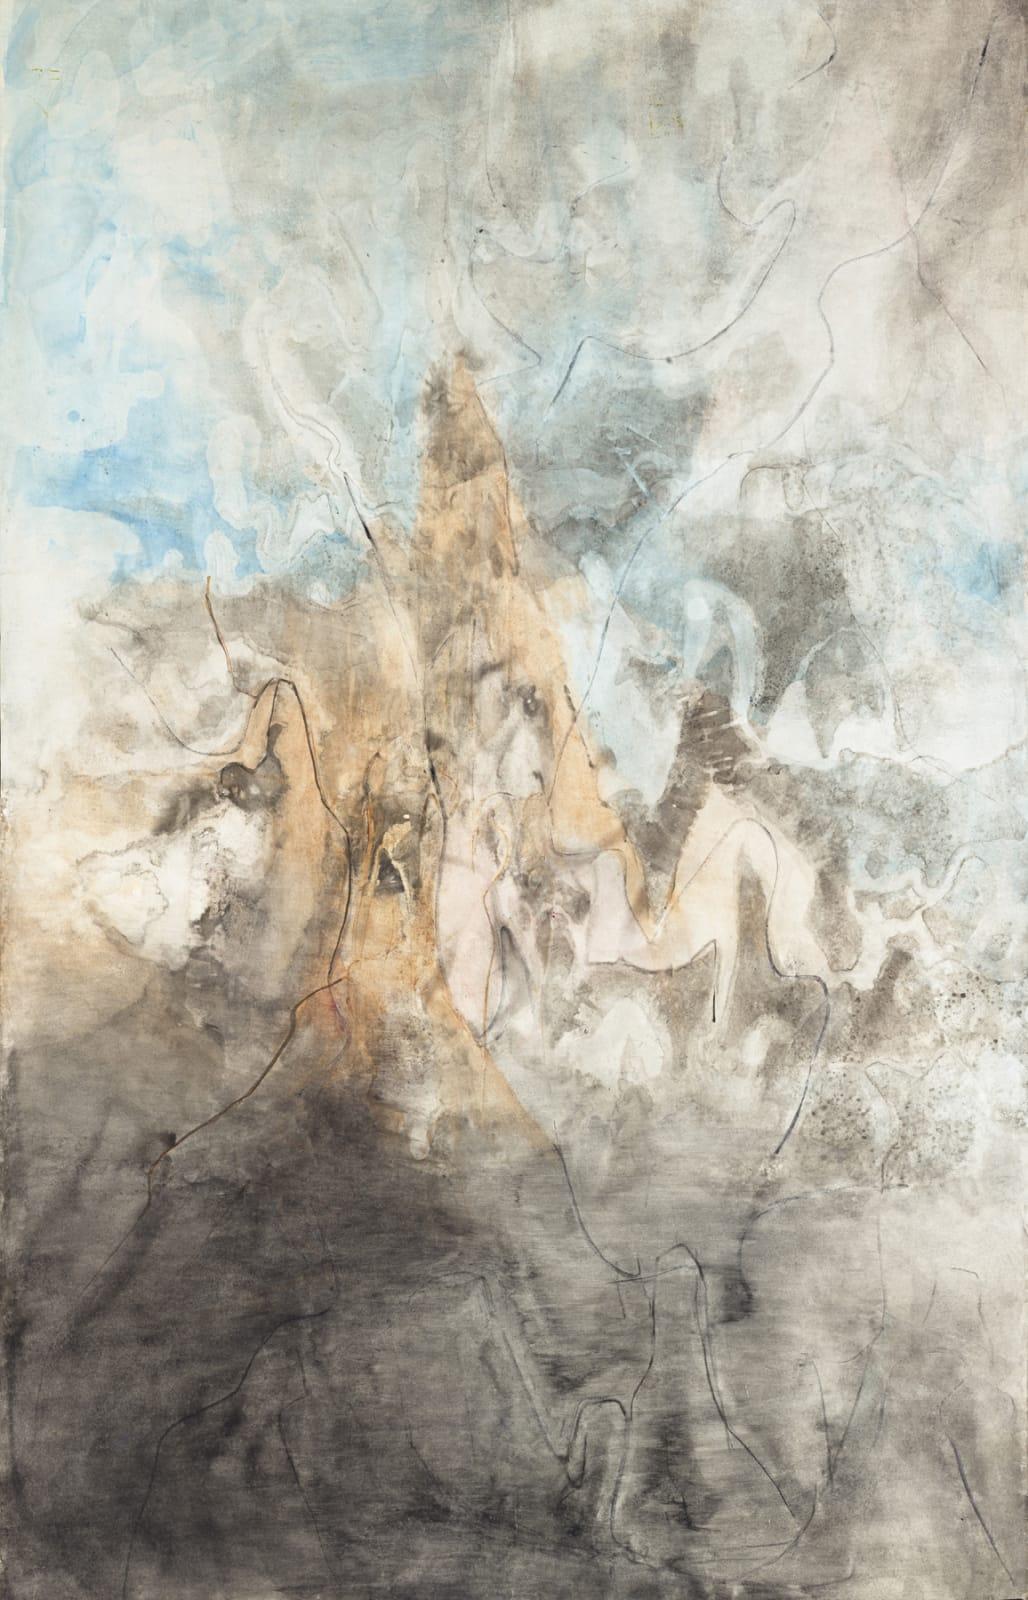 Lalan 謝景蘭, Untitled《無題》, 1968